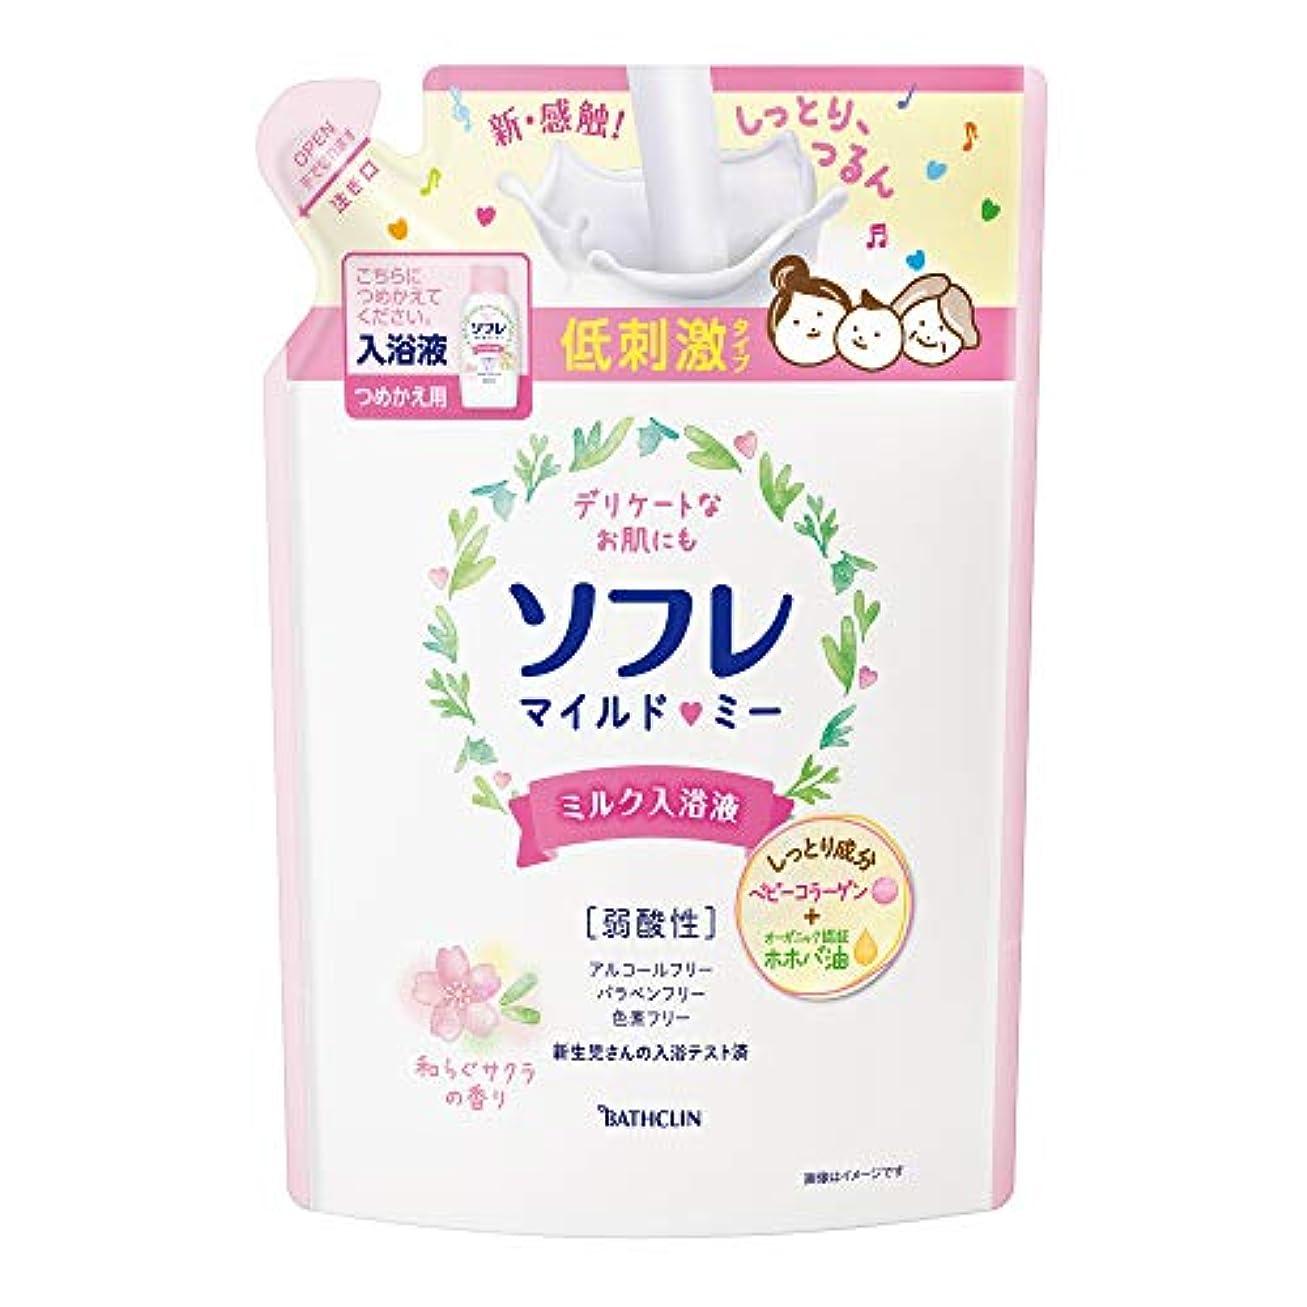 伝染病差し引く任命するバスクリン ソフレ入浴液 マイルド?ミー ミルク 和らぐサクラの香り つめかえ用 600mL保湿 成分配合 赤ちゃんと一緒に使えます。